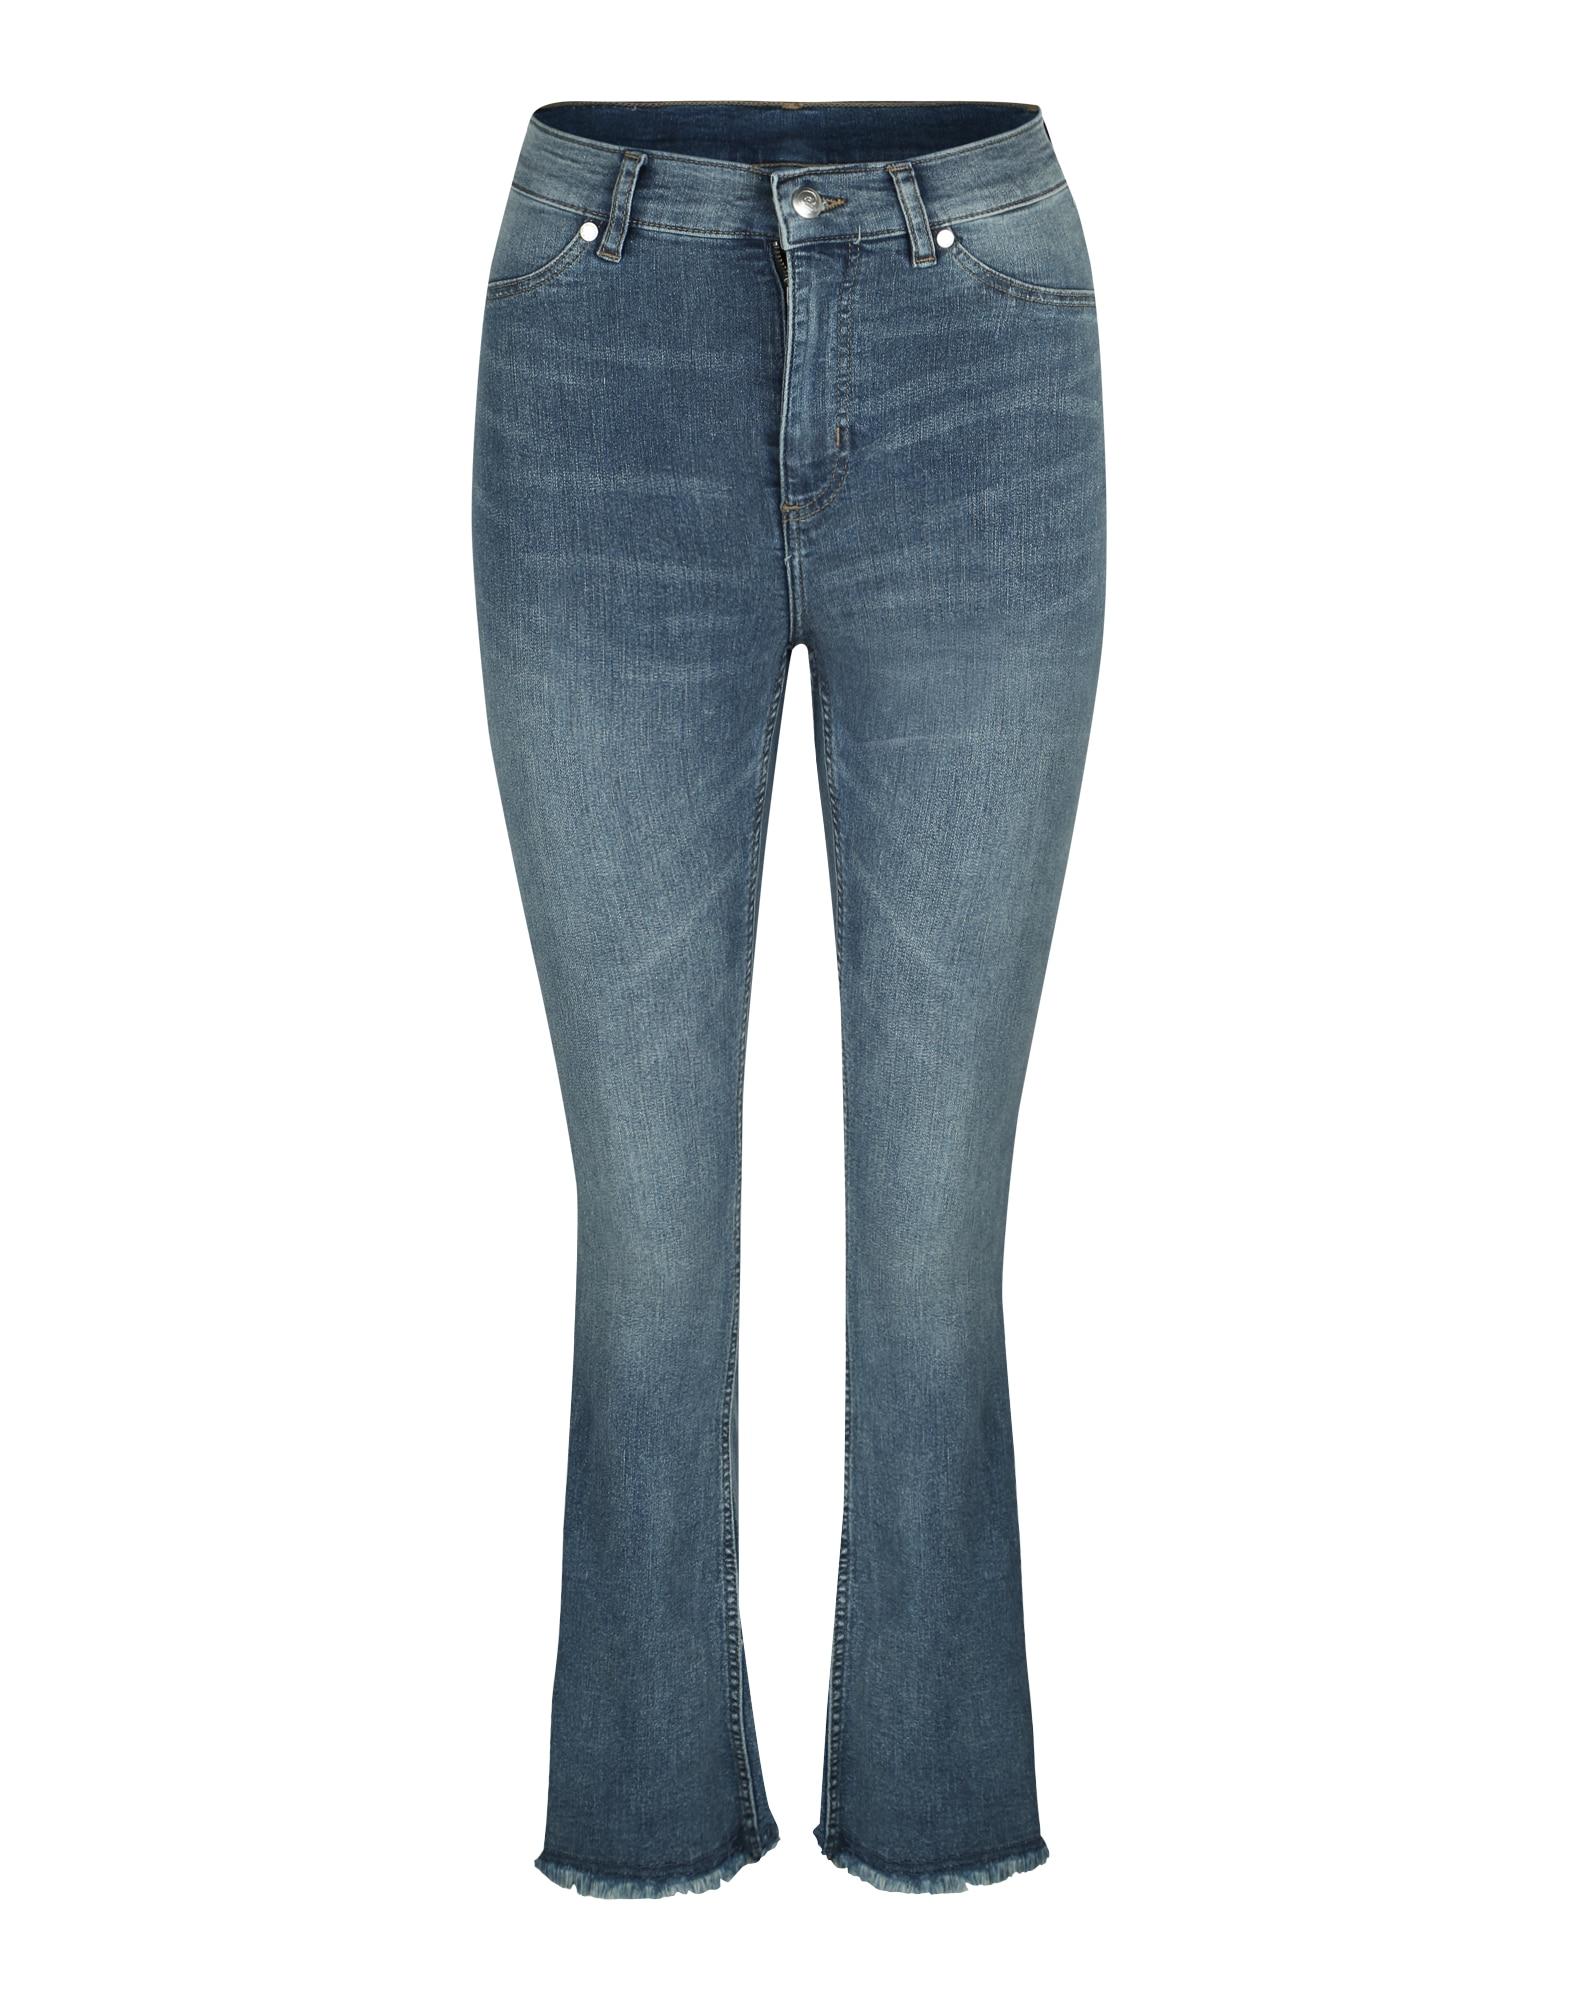 CHEAP MONDAY Dames Jeans Kick Spray blauw